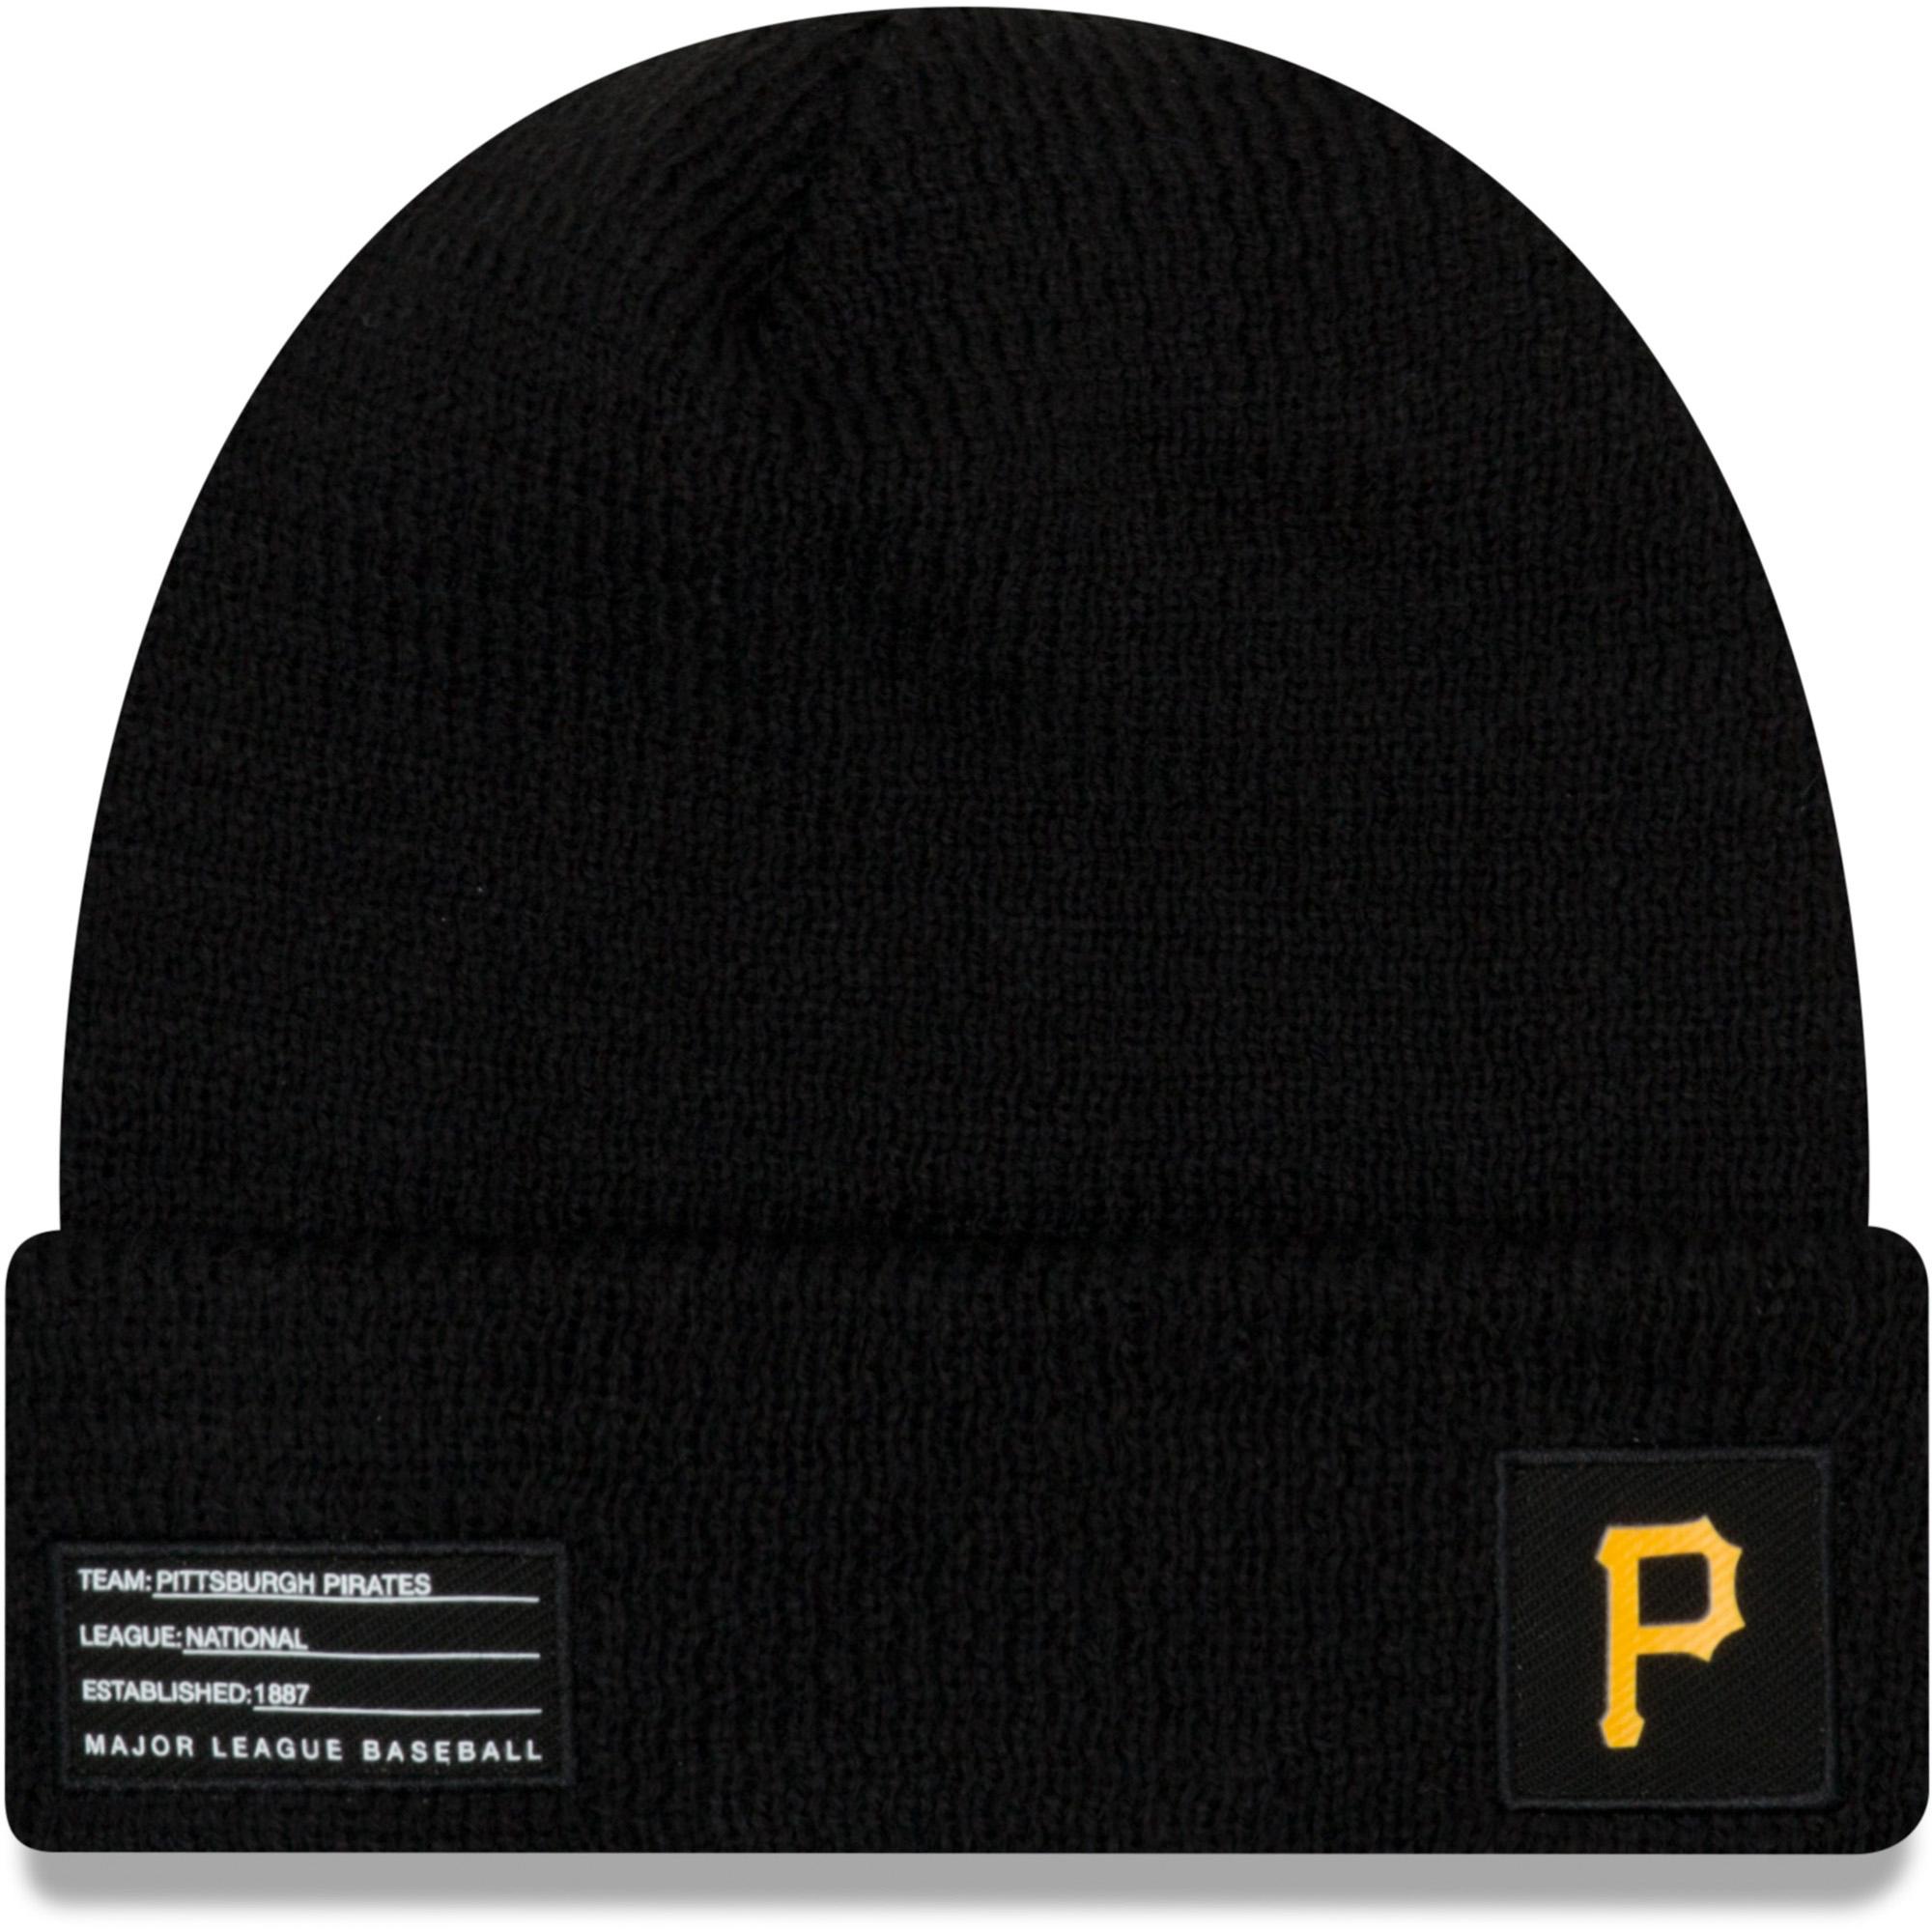 Pittsburgh Pirates New Era On-Field Sport Cuffed Knit Hat - Black - OSFA